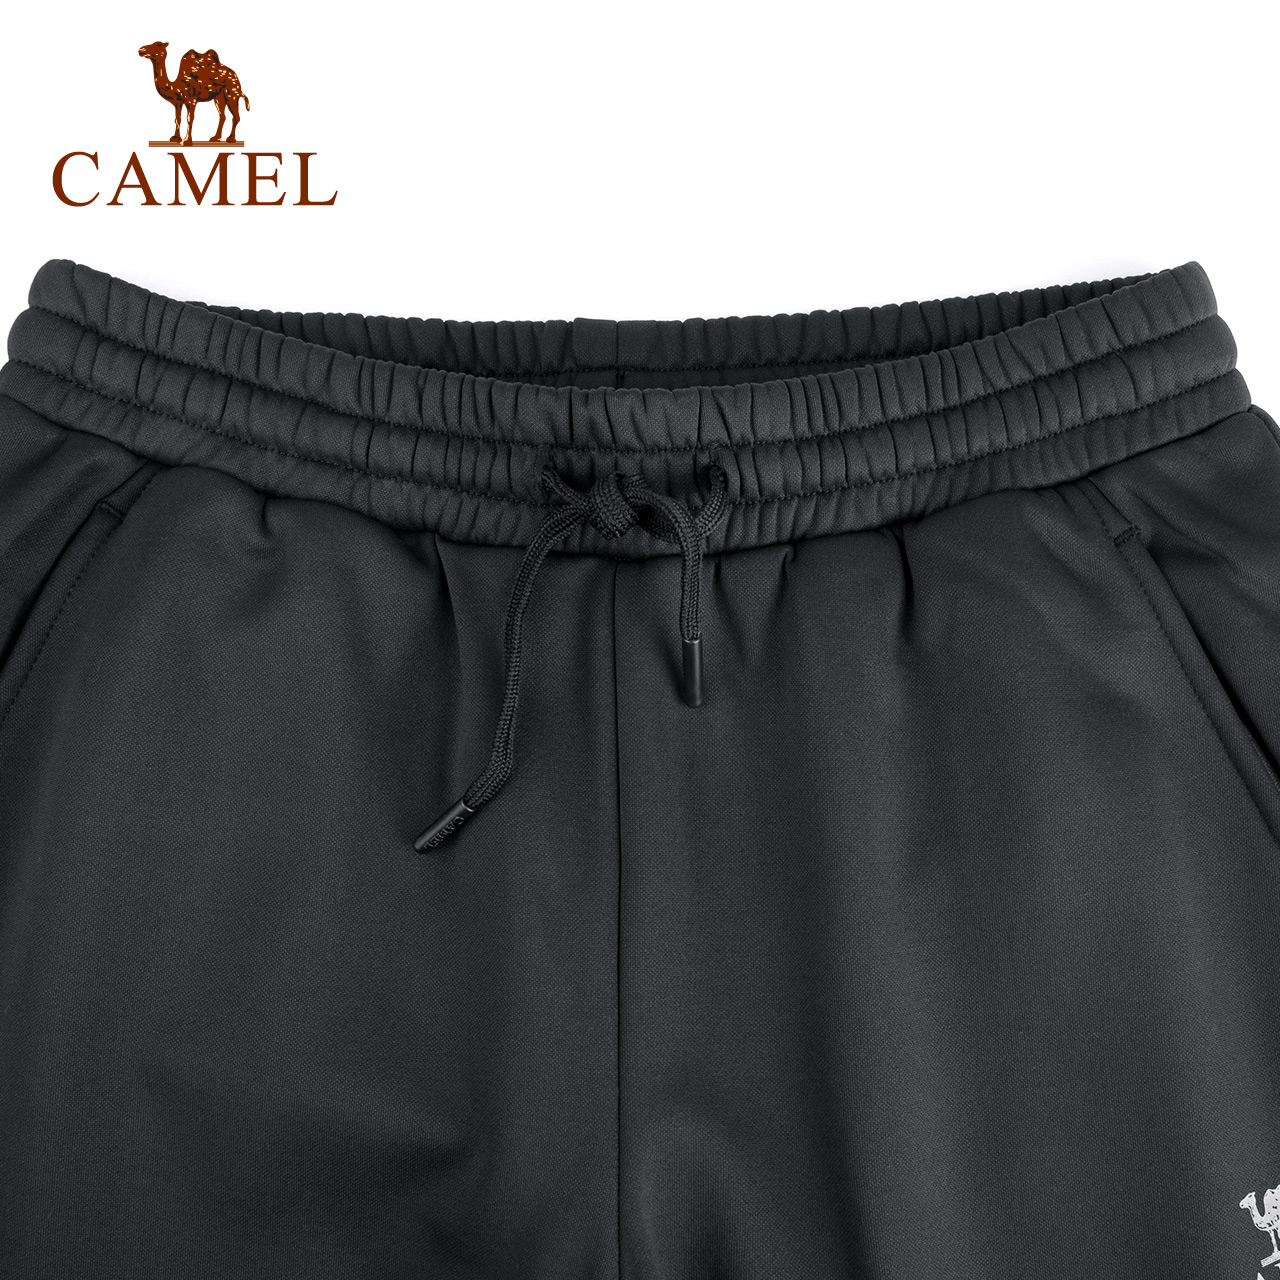 骆驼户外针织长裤 女款保暖耐磨松紧带休闲长裤